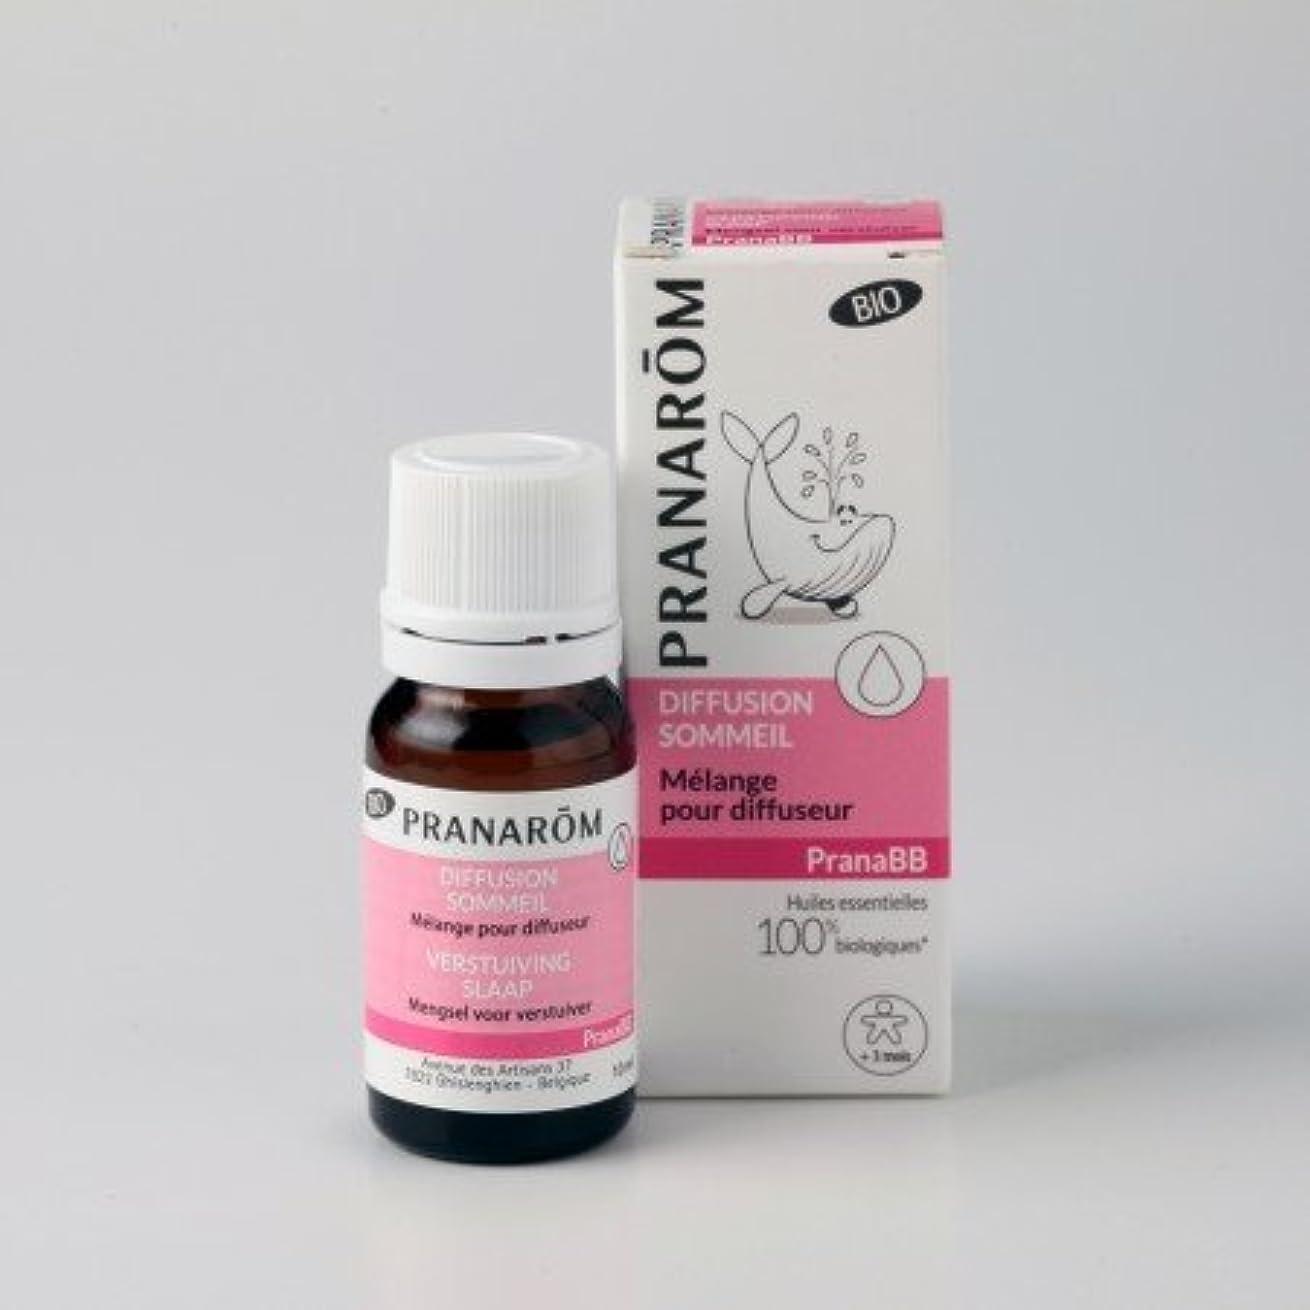 プラナロム ( PRANAROM ) ルームコロン ディフューザーオイル?スリープ 10ml 02611 プラナBB ディフューザーブレンドオイル